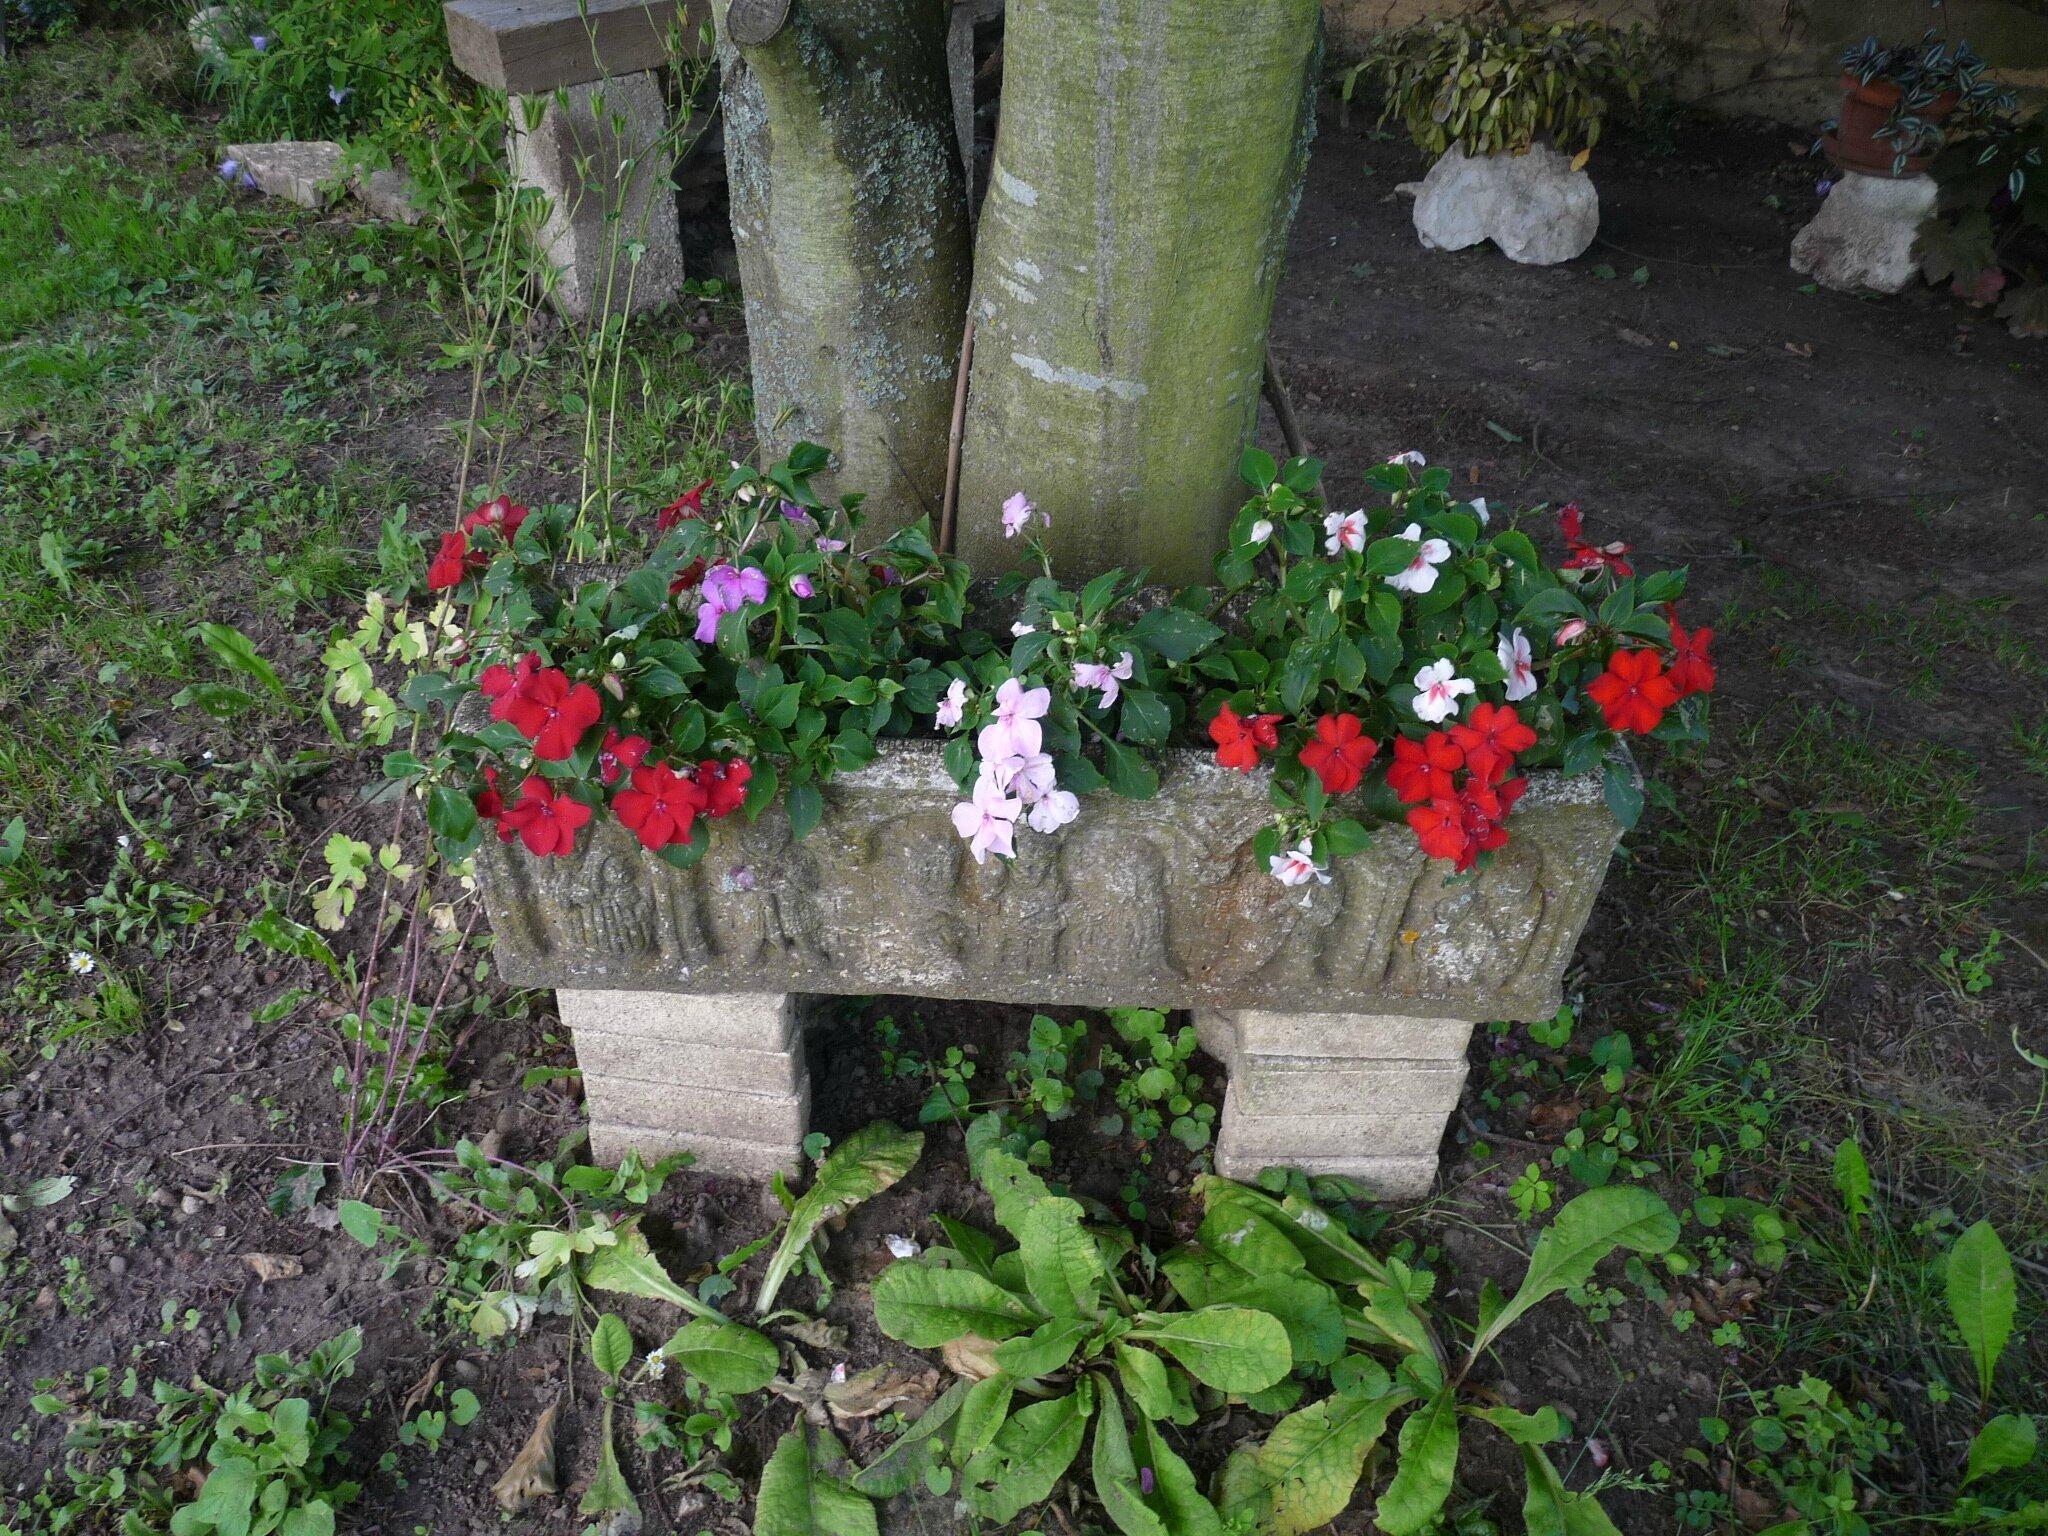 184 au jardin cheznadette - Petit jardin que mettre mulhouse ...